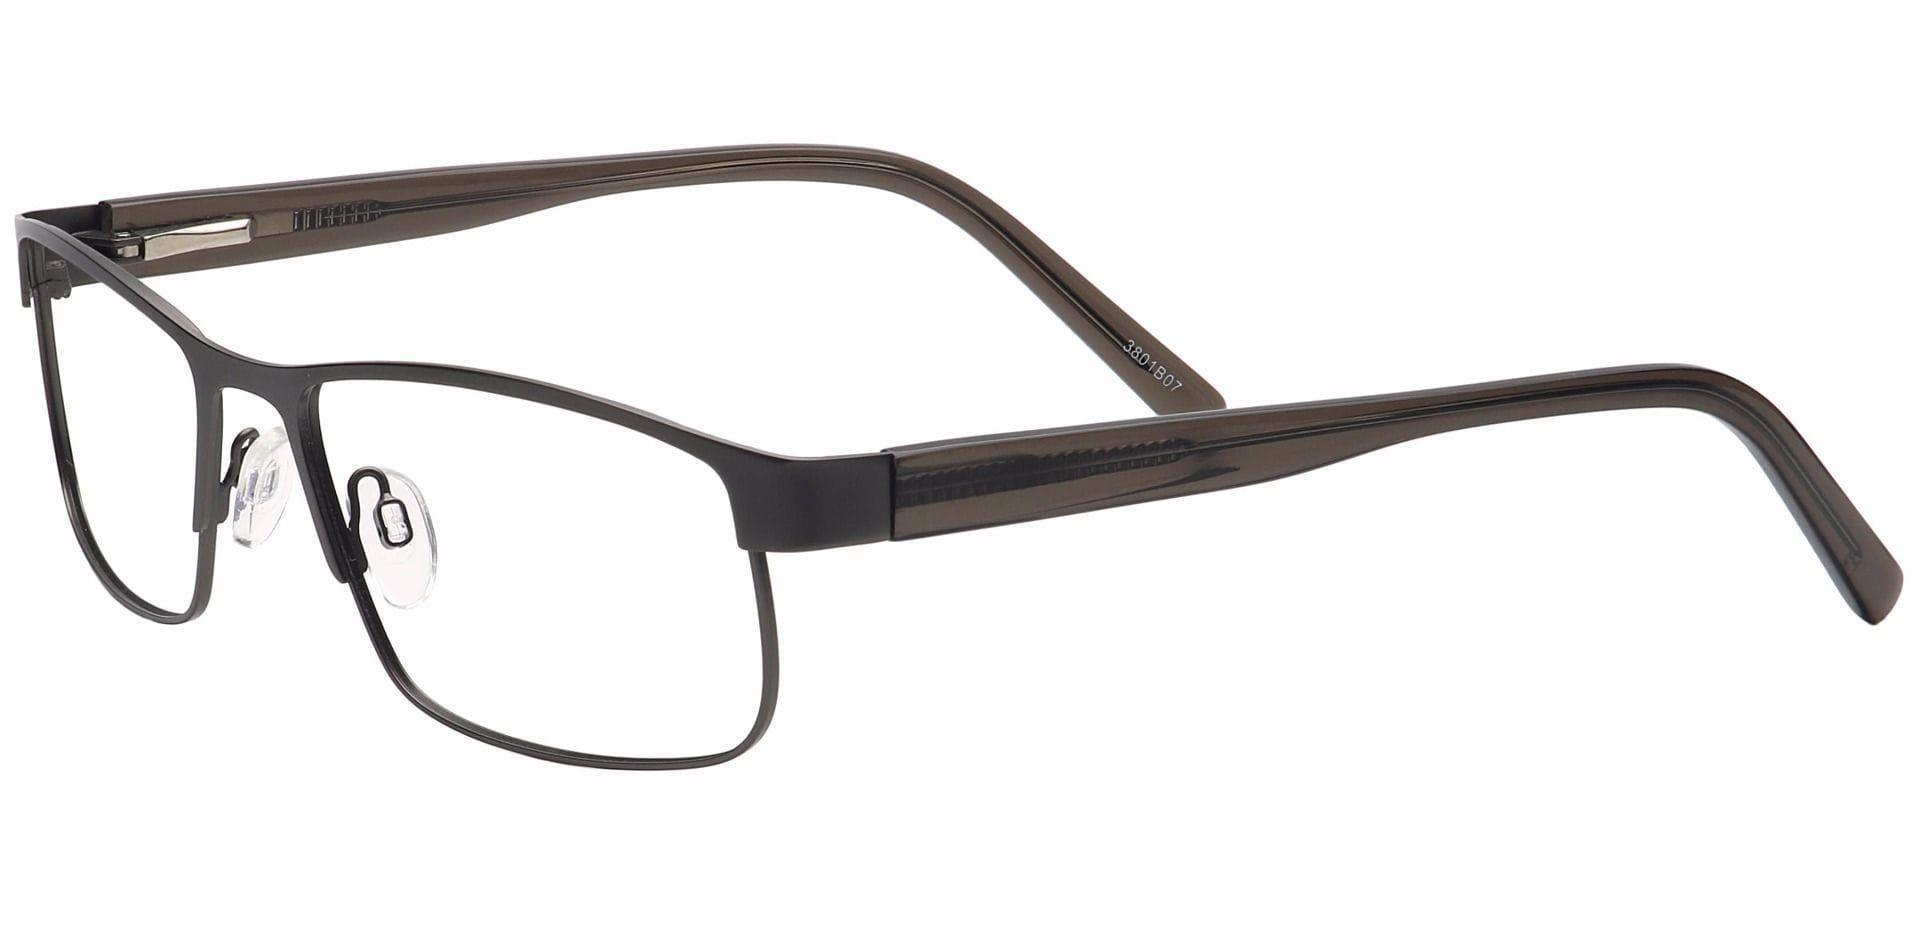 Taun Rectangle Blue Light Blocking Glasses - Brown